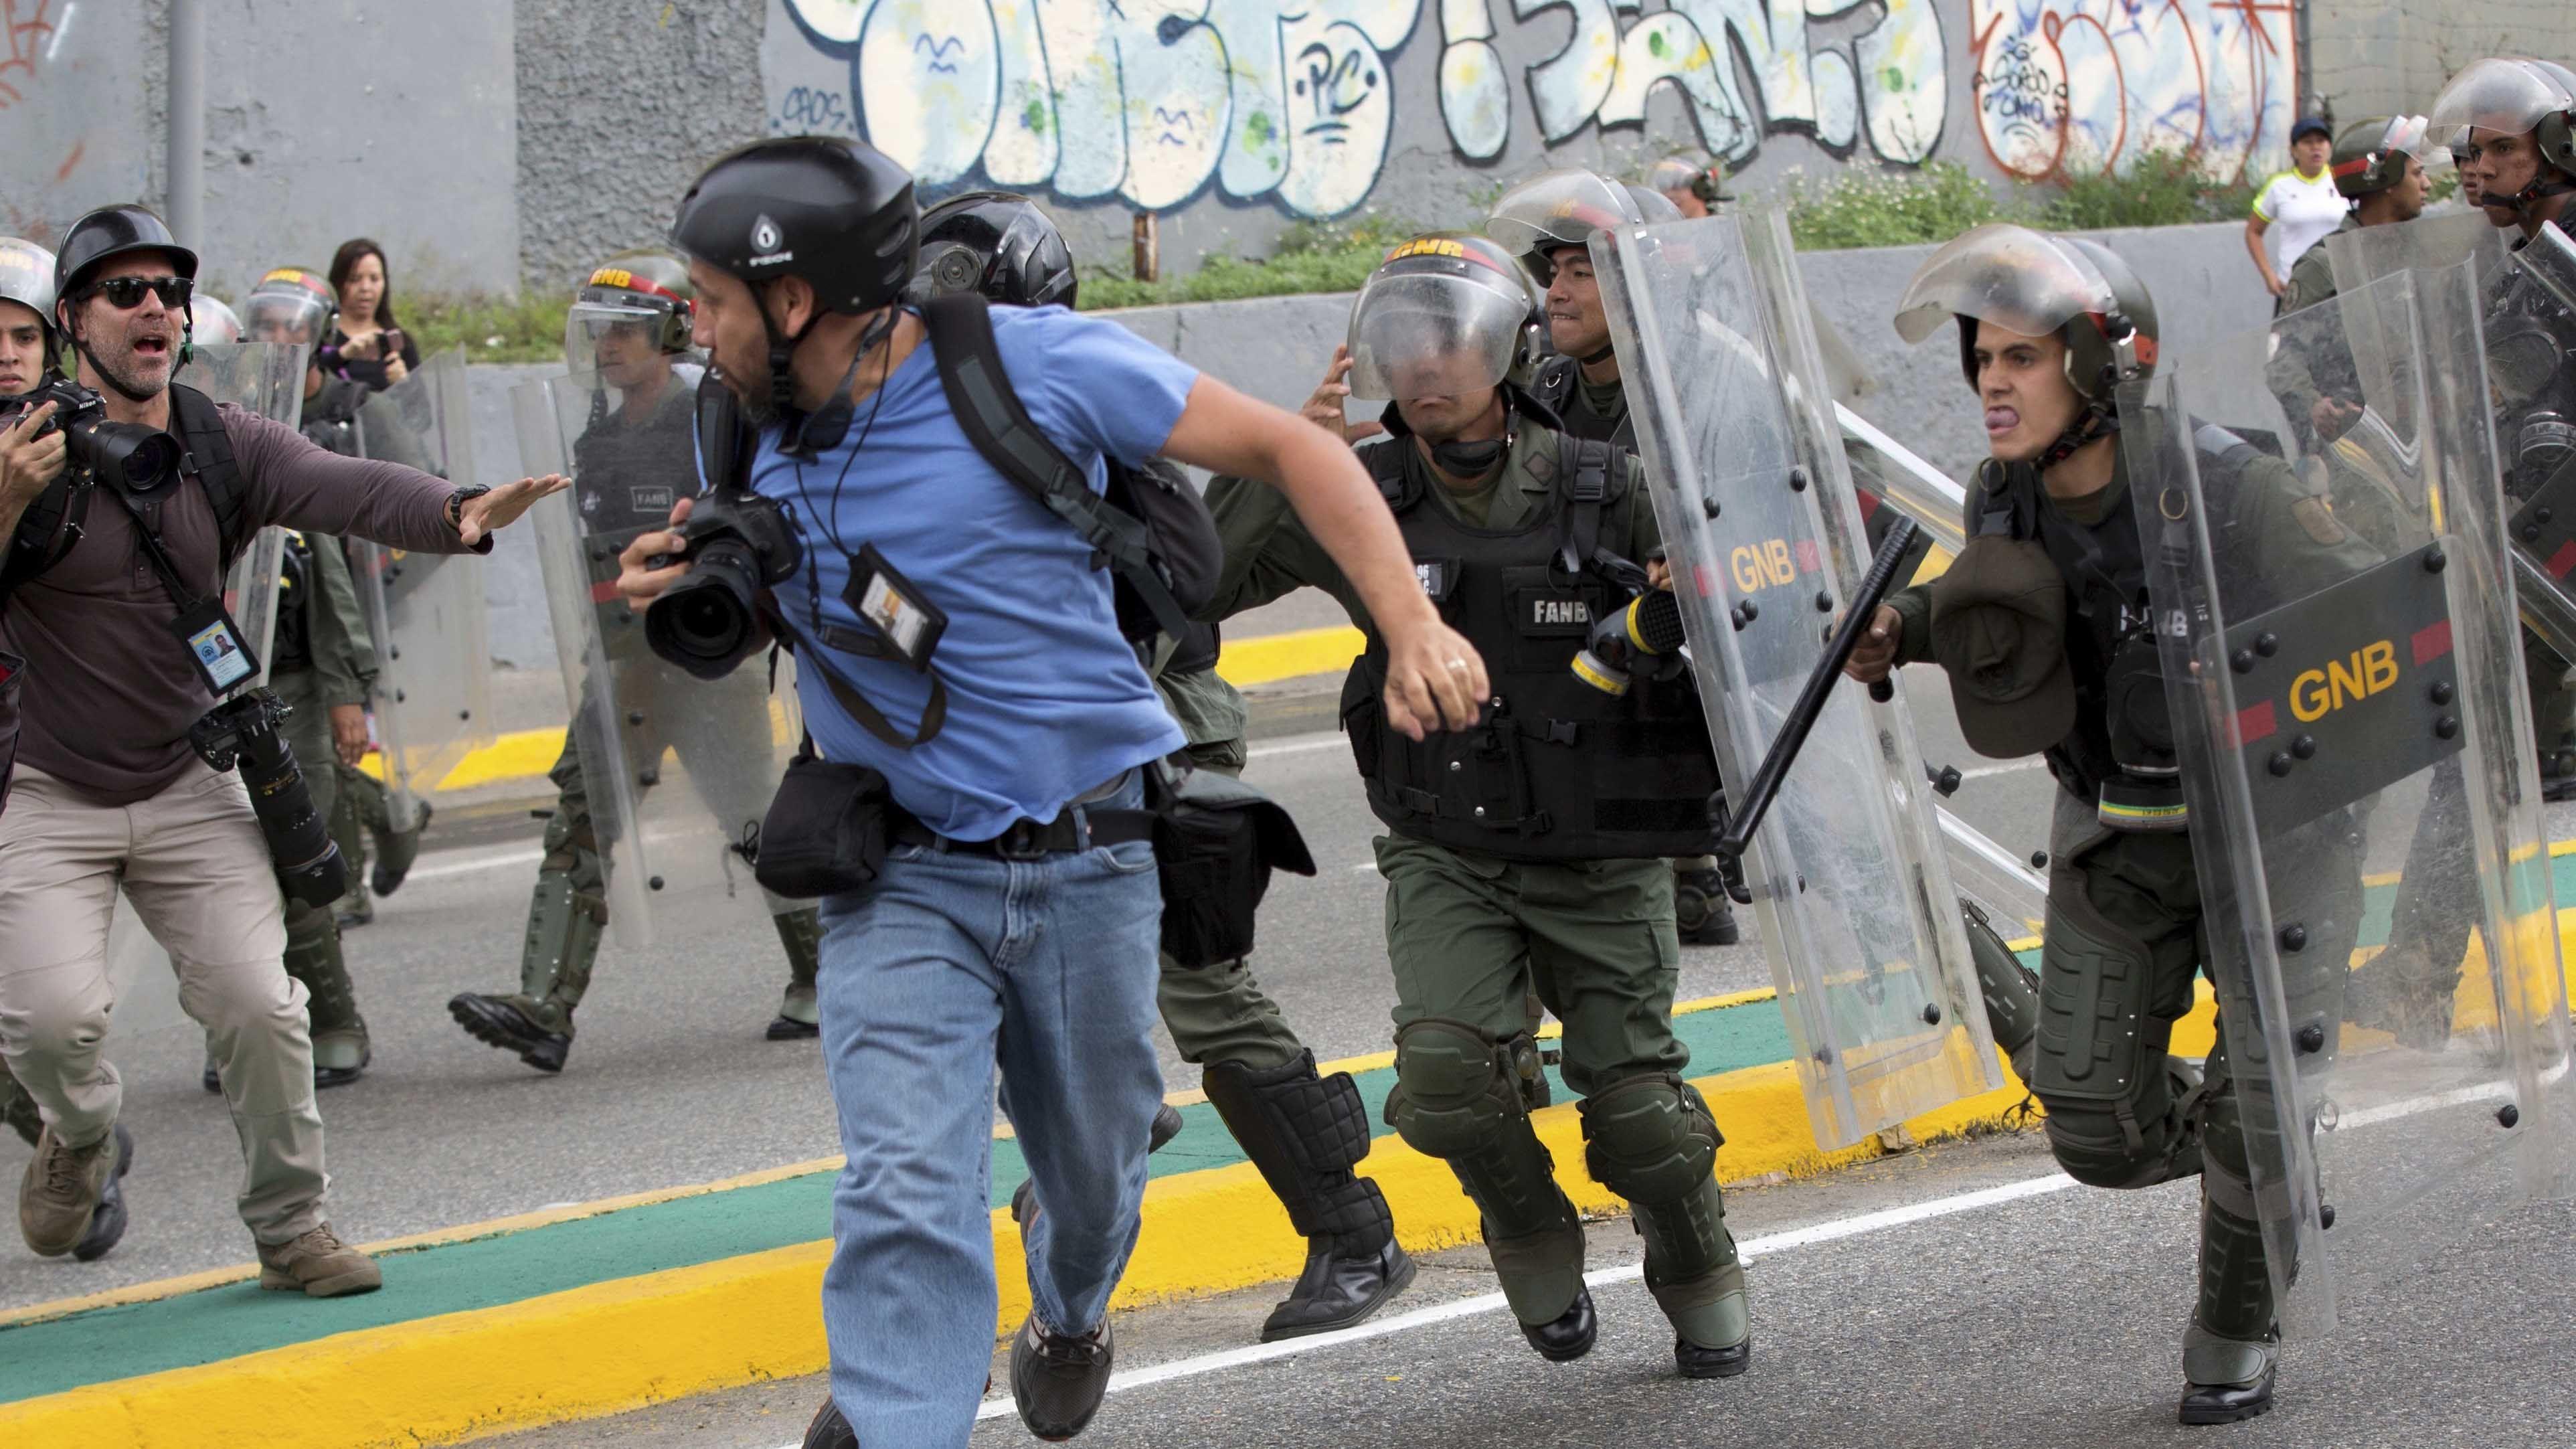 Cierran 69 medios y suben agresiones en Venezuela